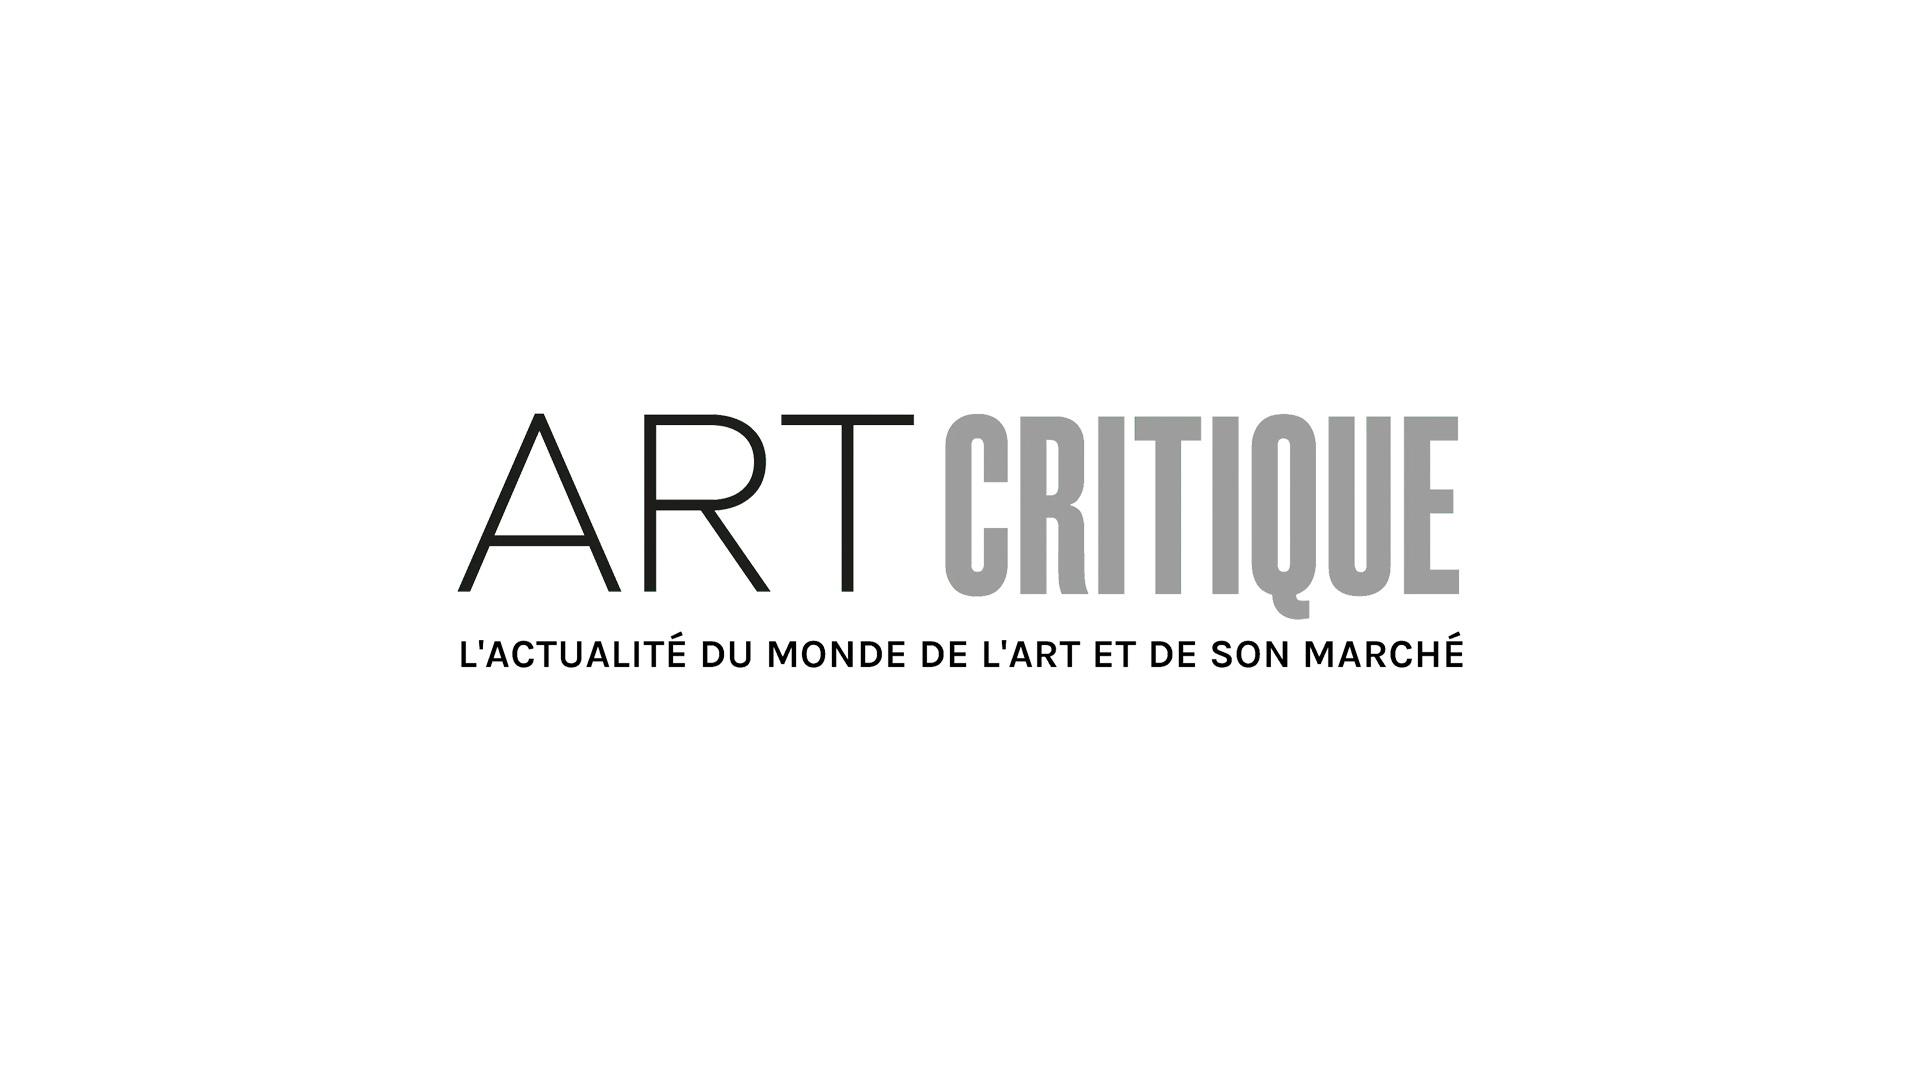 Les couleurs de l'Afrique représentées à la 193 Gallery